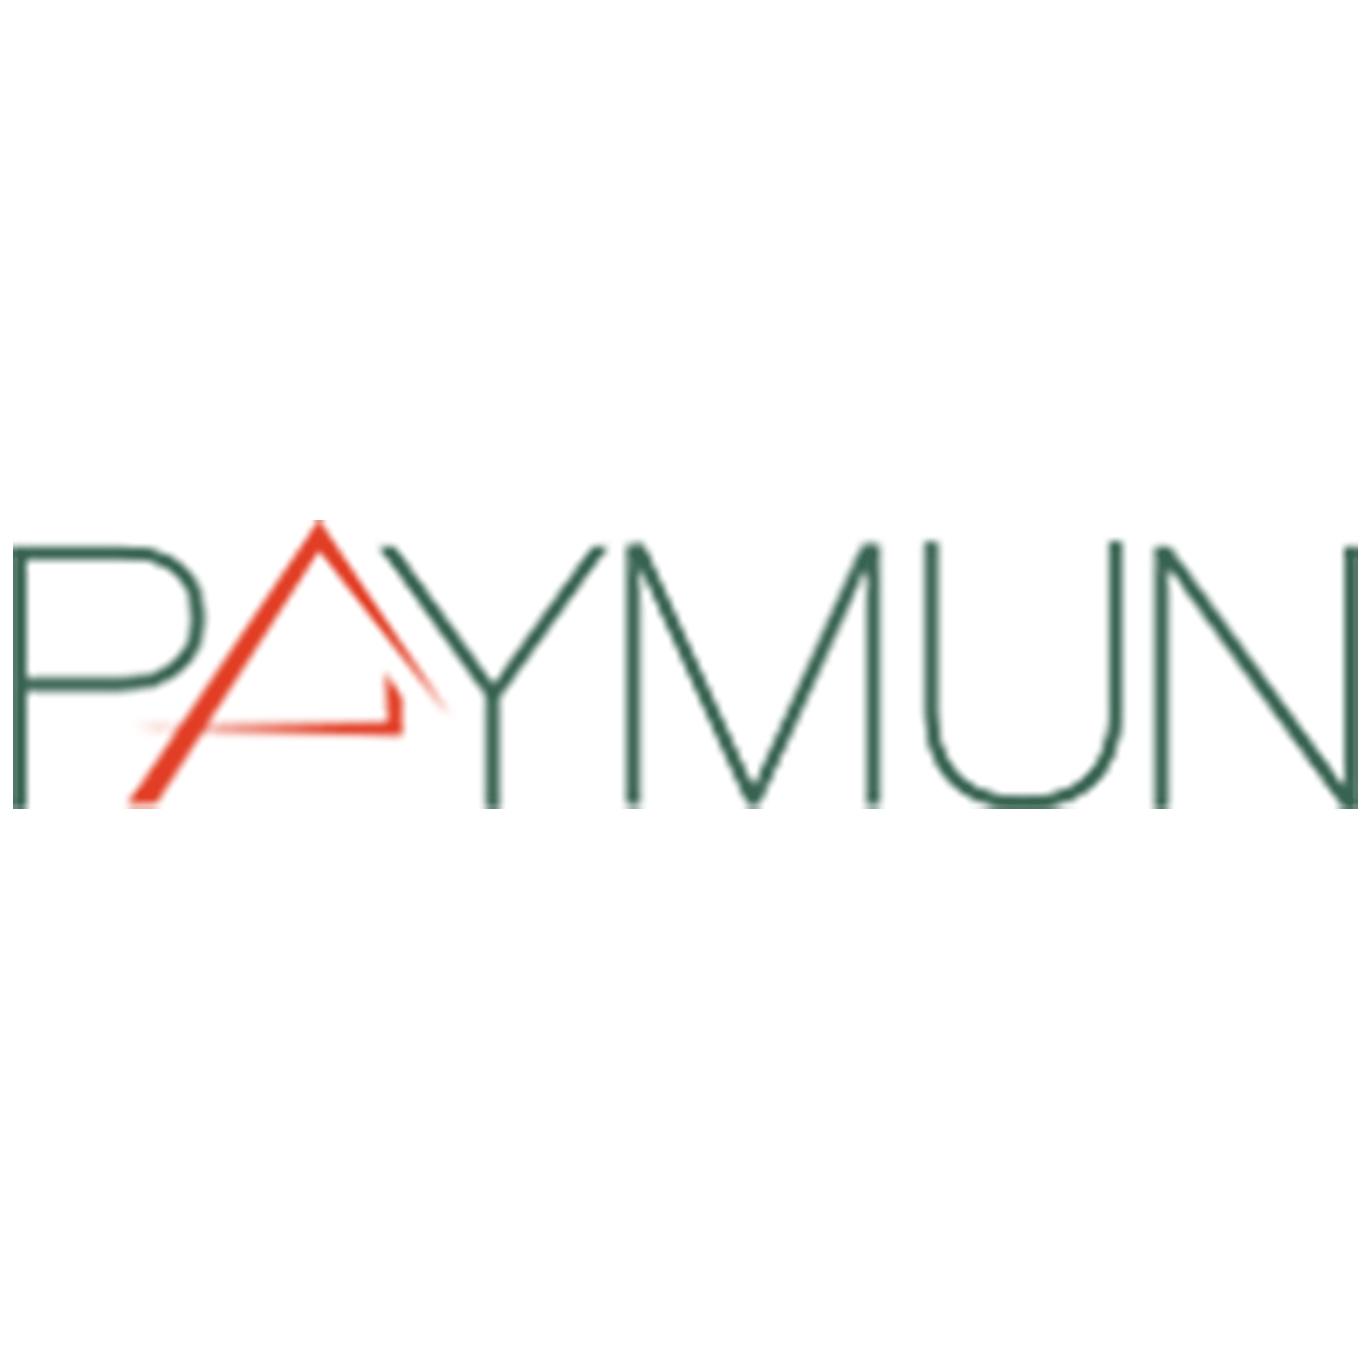 Paymun Real Estate & Mortgage